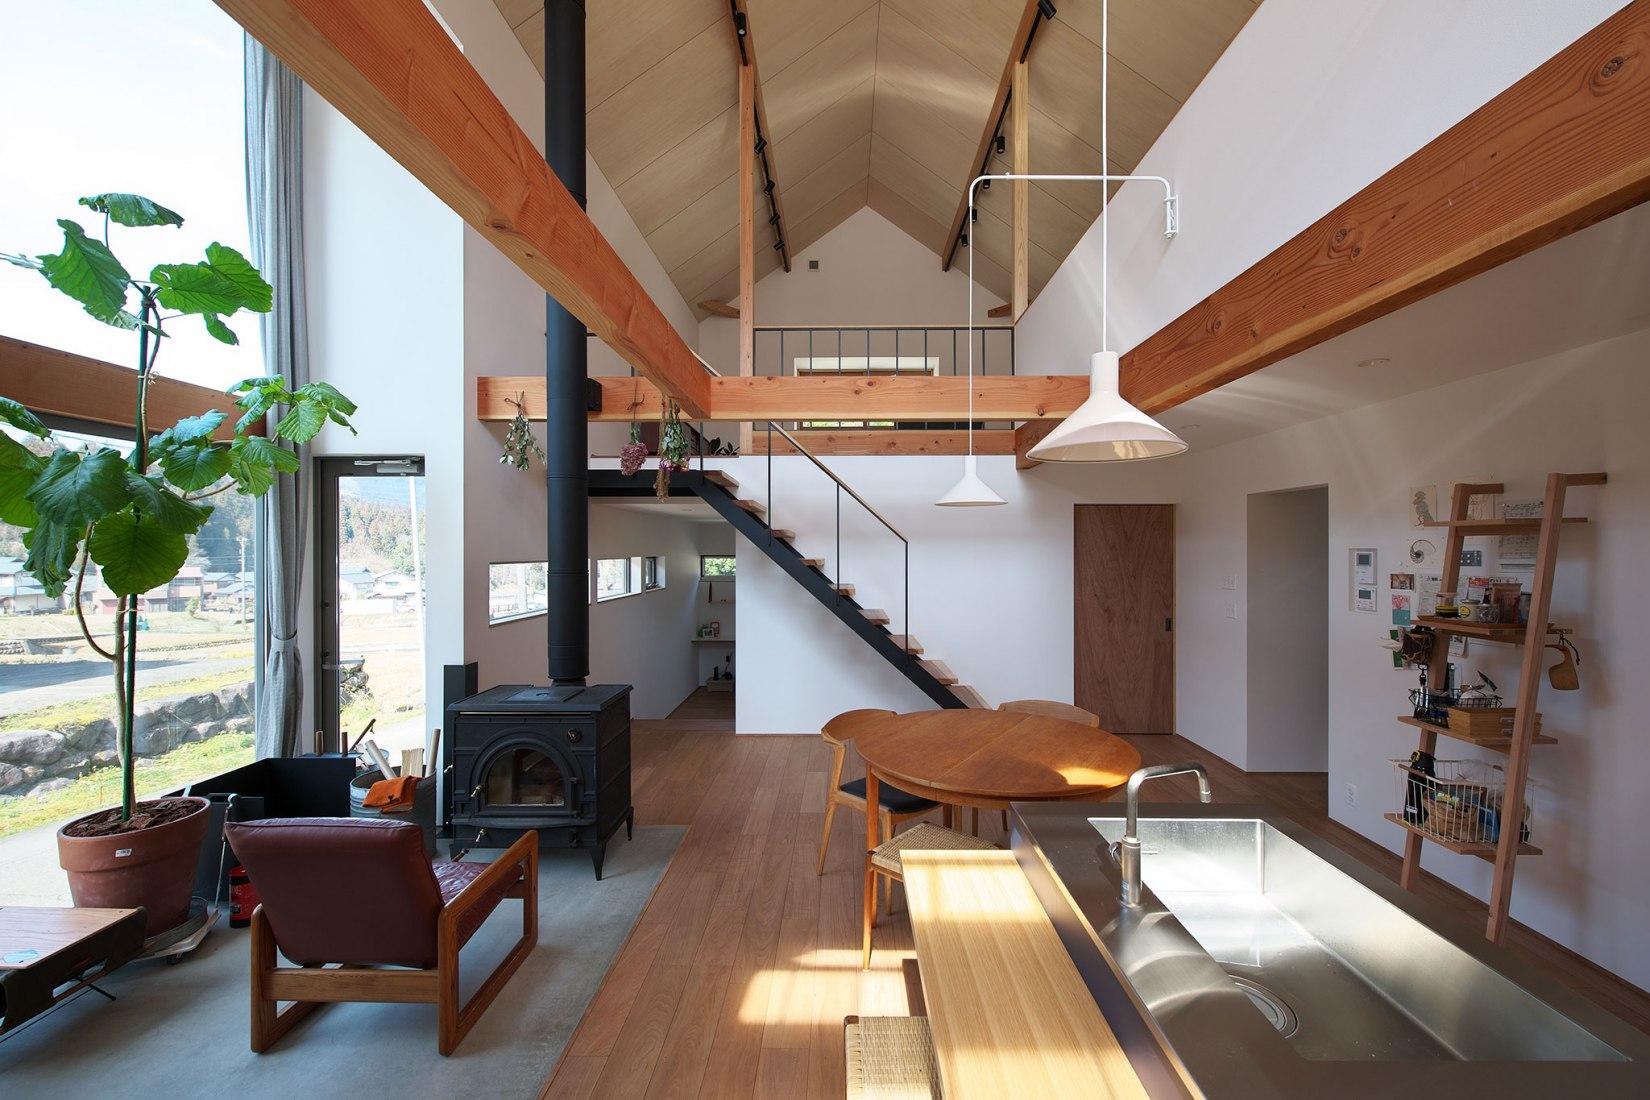 Casa H por BAUM. Fotografía por Naoki Myo - MOv